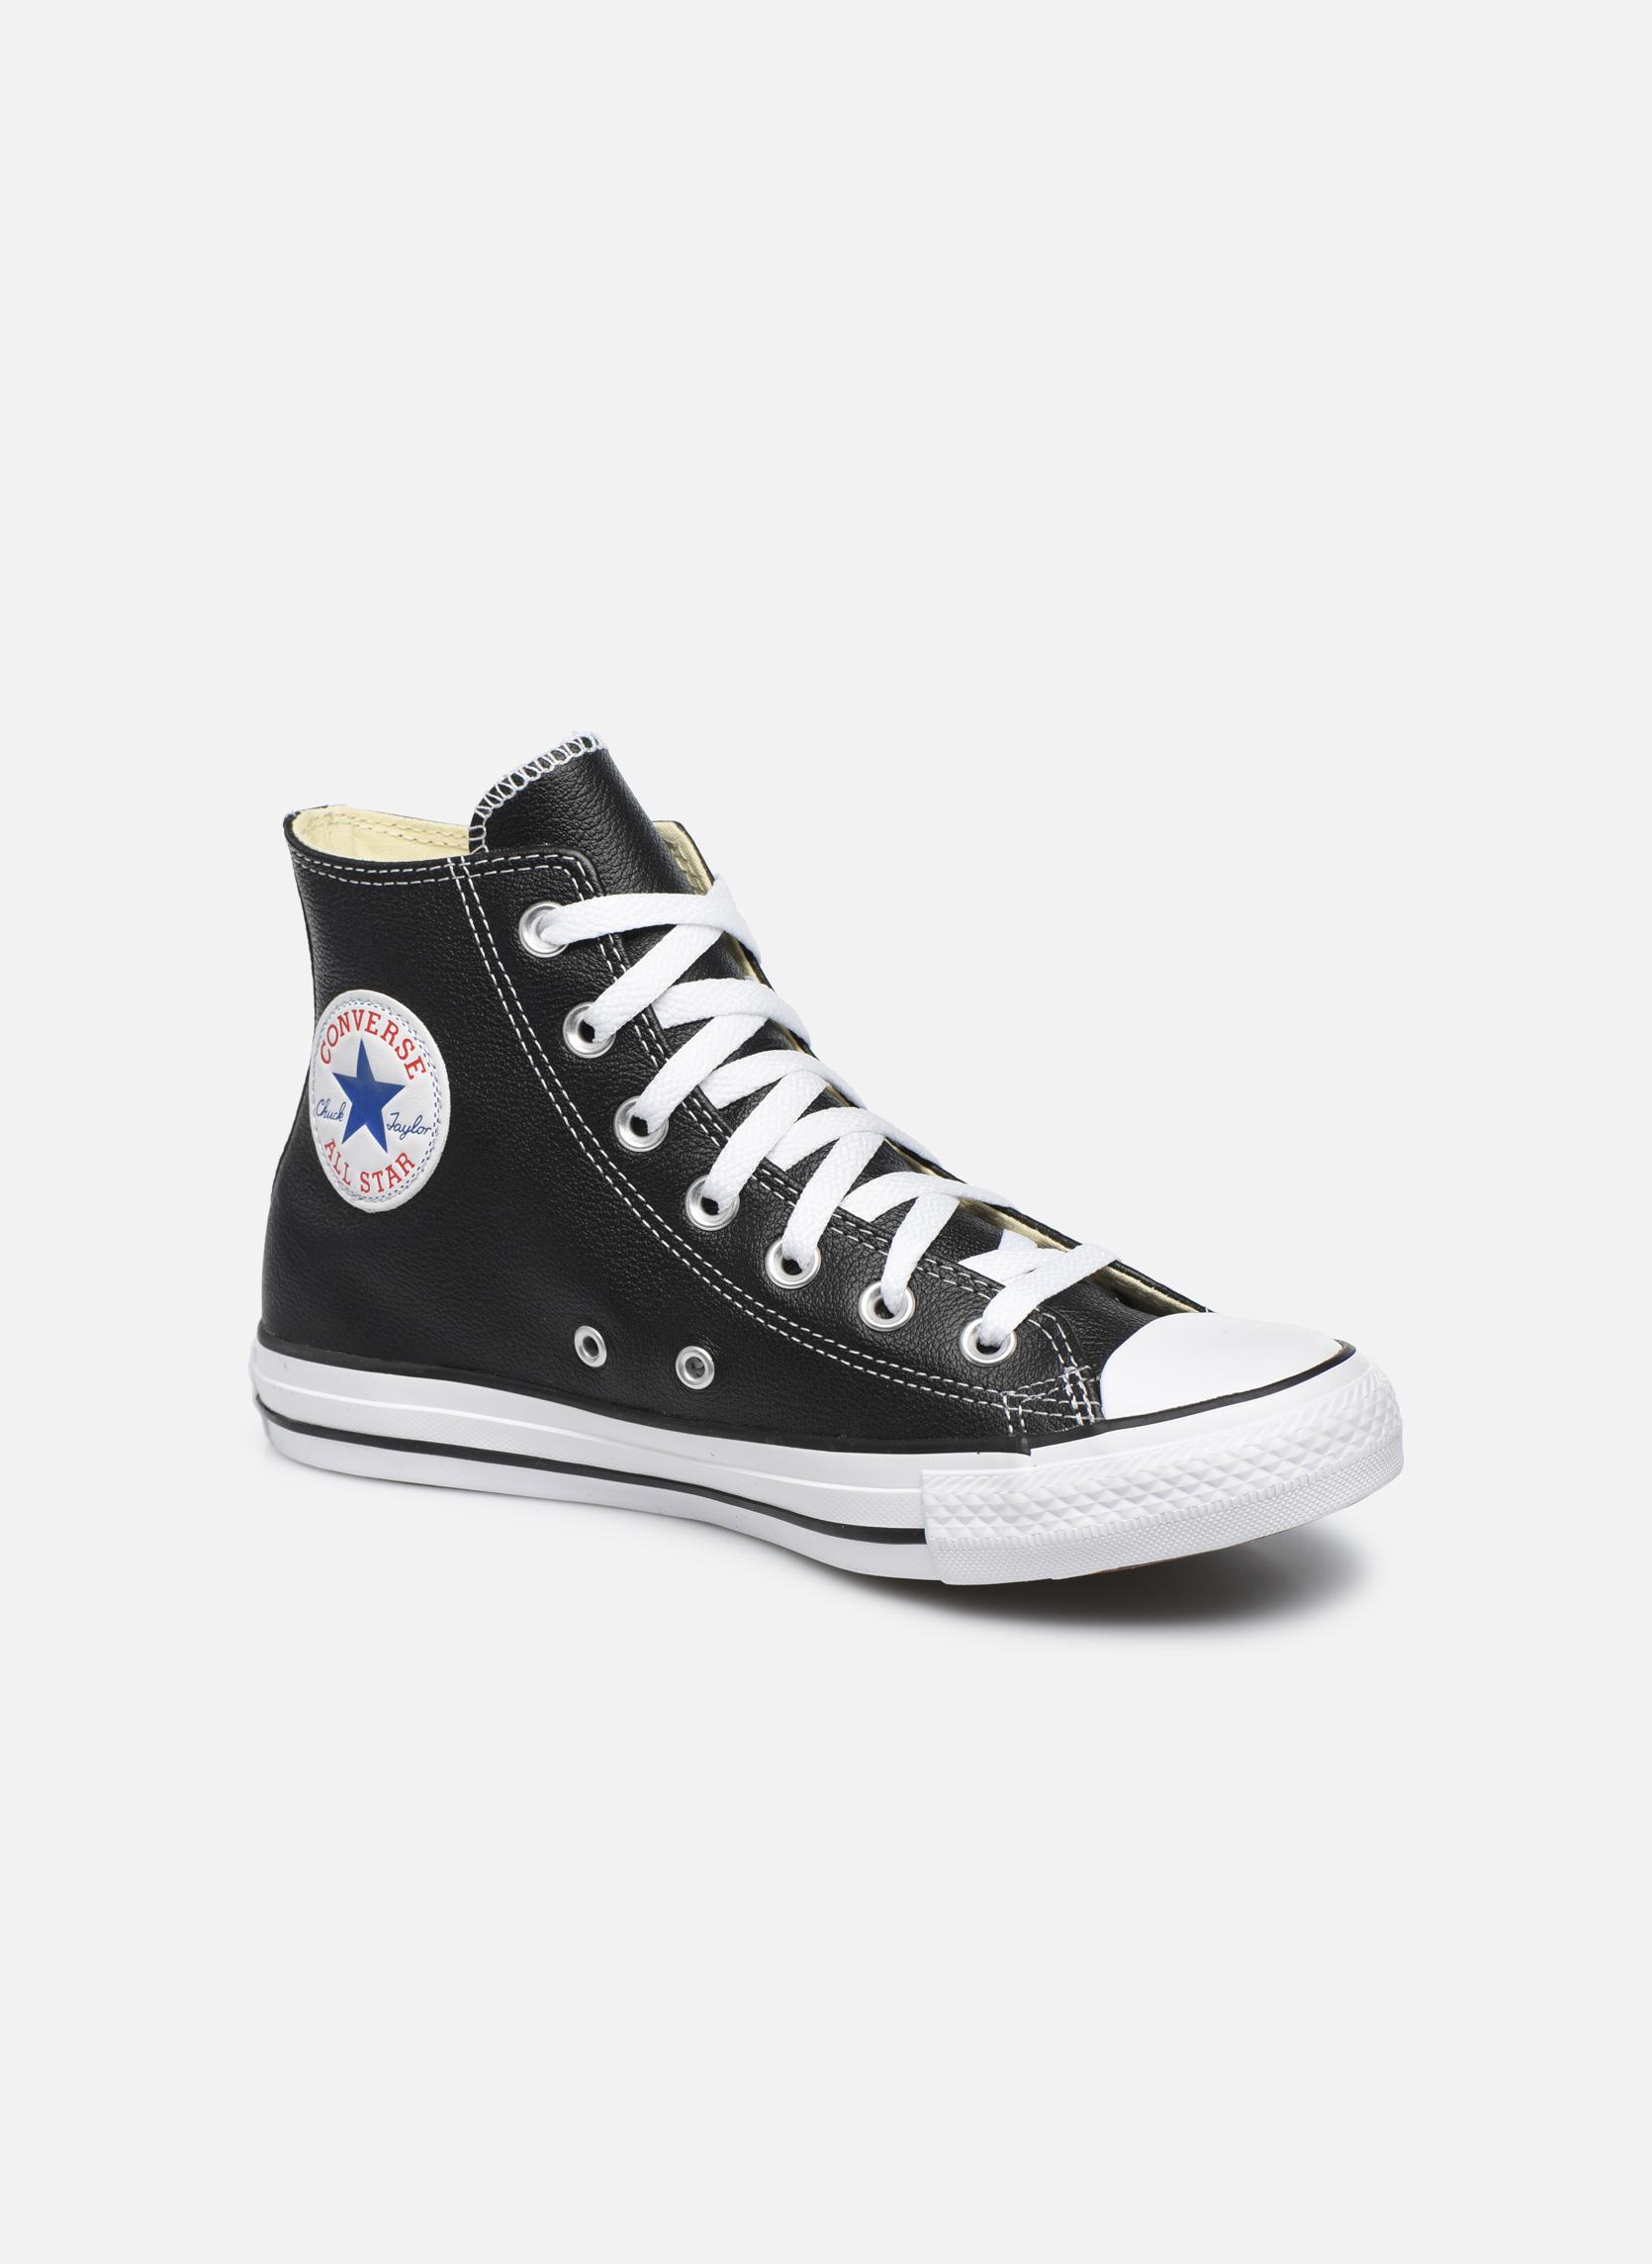 Venta de Converse liquidación de temporada  Converse de Chuck Taylor All Star Leather Hi W (Negro) - Deportivas en Más cómodo 4f3dd3